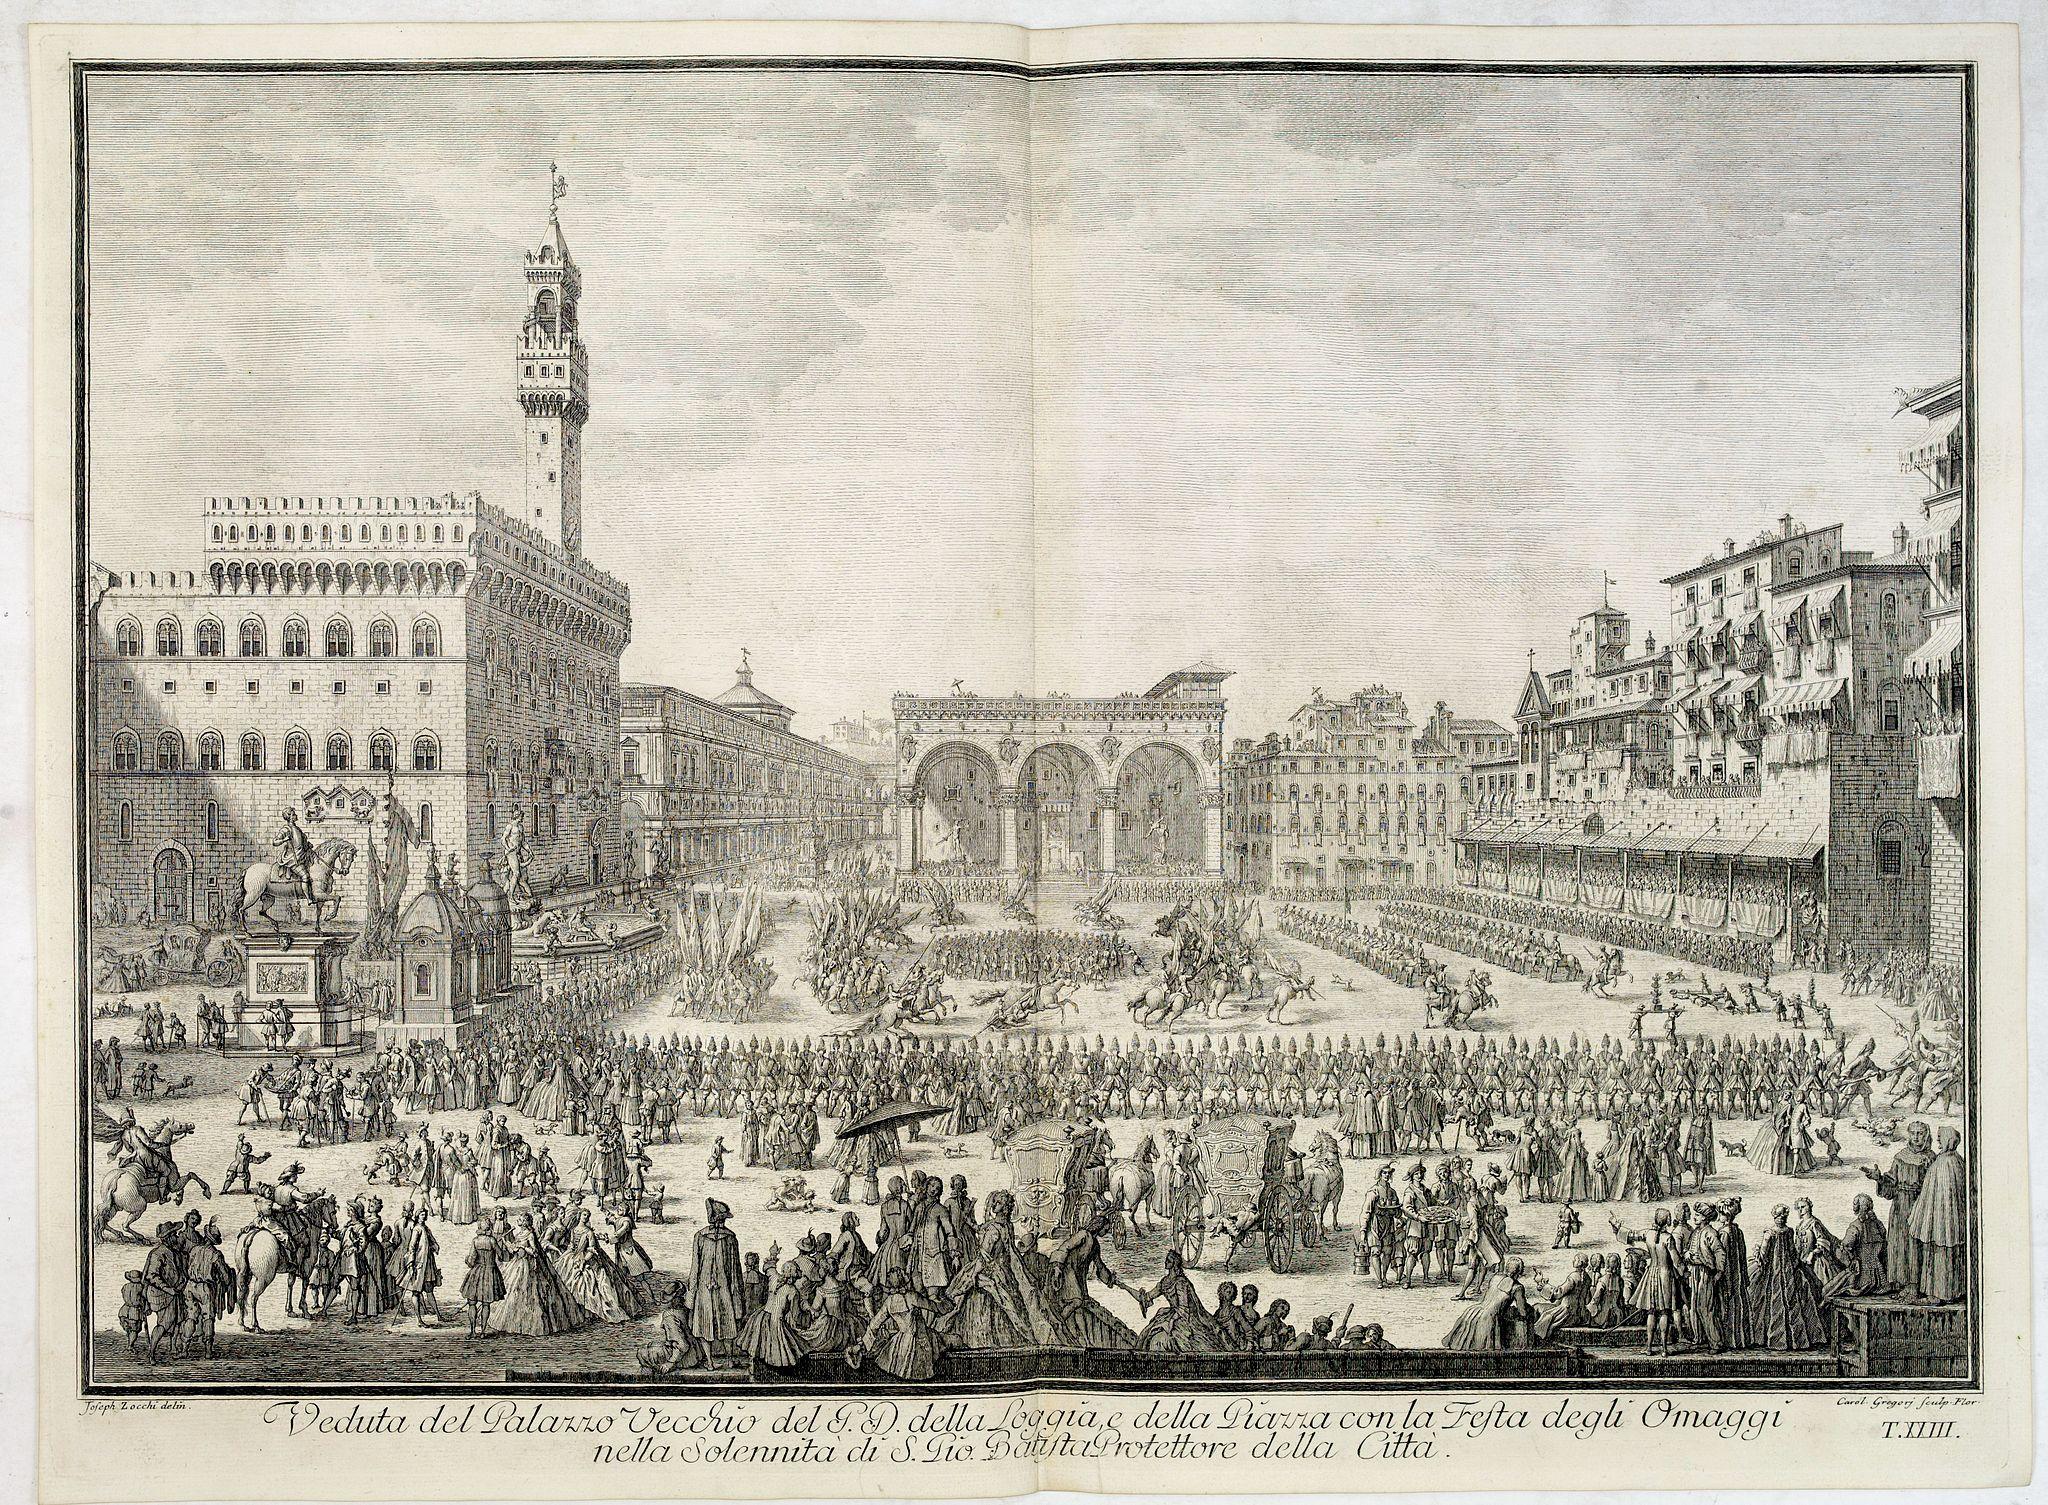 ZOCCHI, G. -  Veduta del Palazzo Vecchio del P.D. della Loggia e della Piazza con la Festa degli Omaggi nella solennità di S. Gio. Battista protettore della Città.